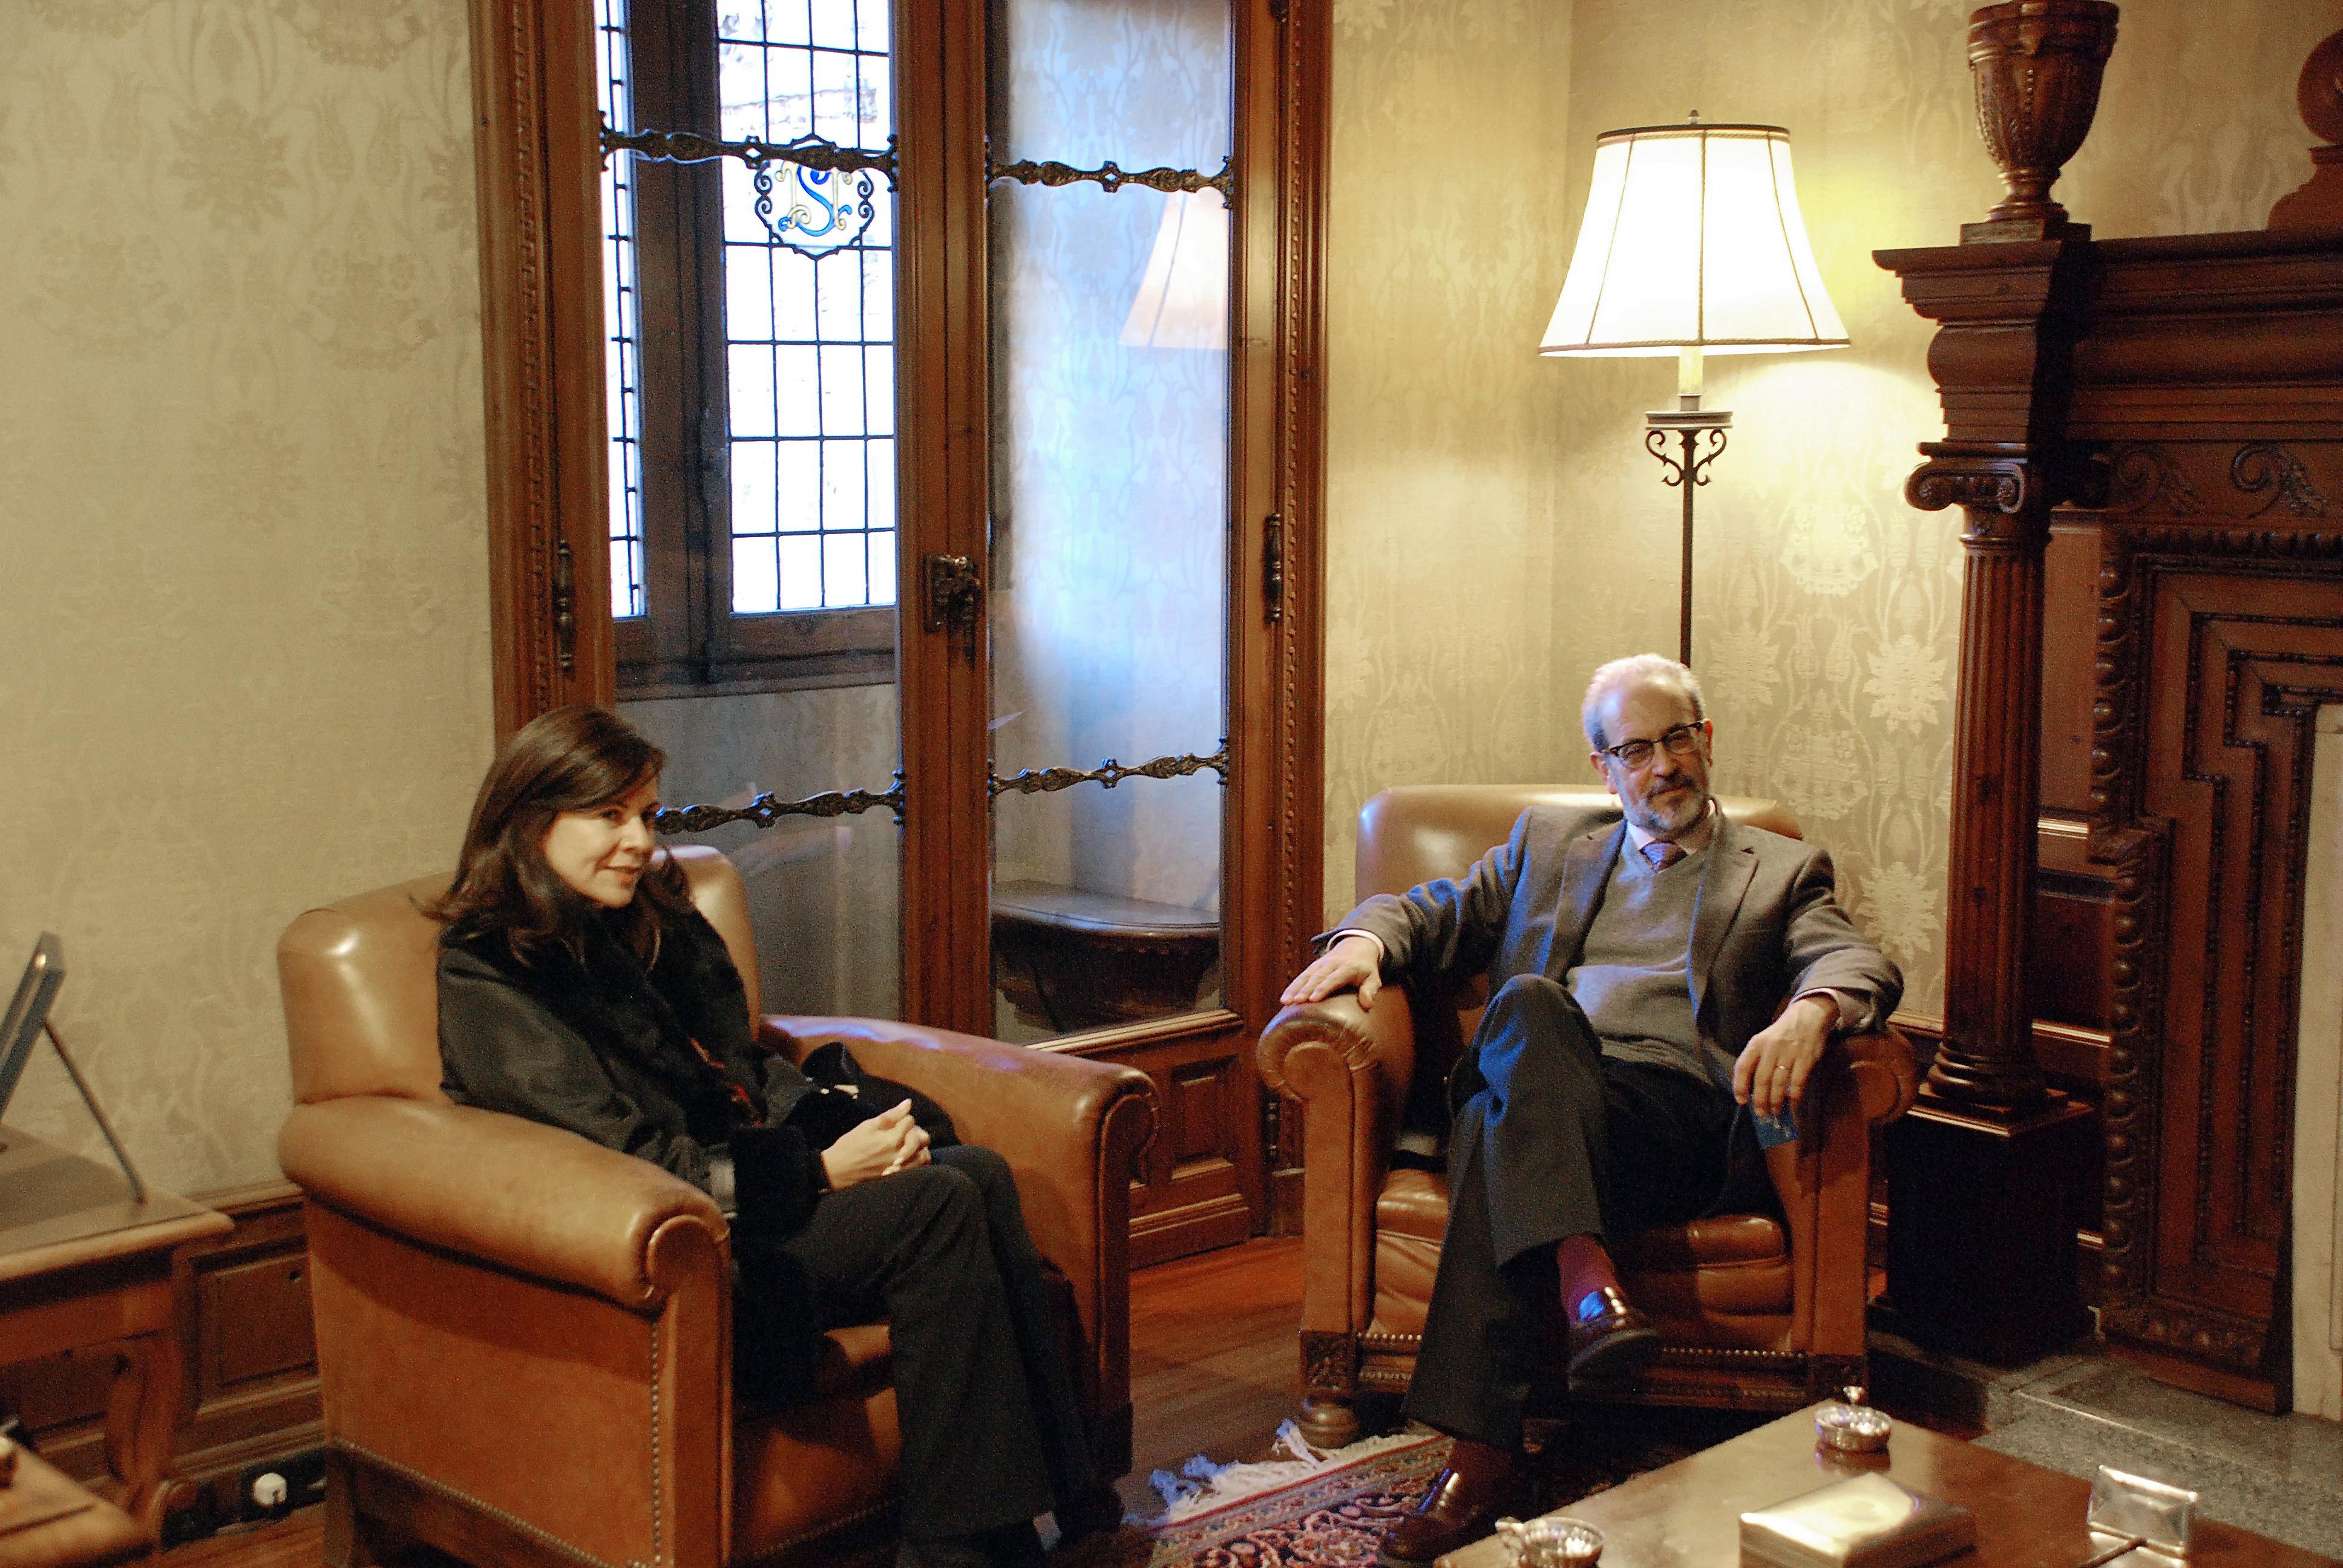 El rector, Daniel Hernández Ruipérez, recibe a la embajadora de Panamá en España, María Mercedes de la Guardia de Corro